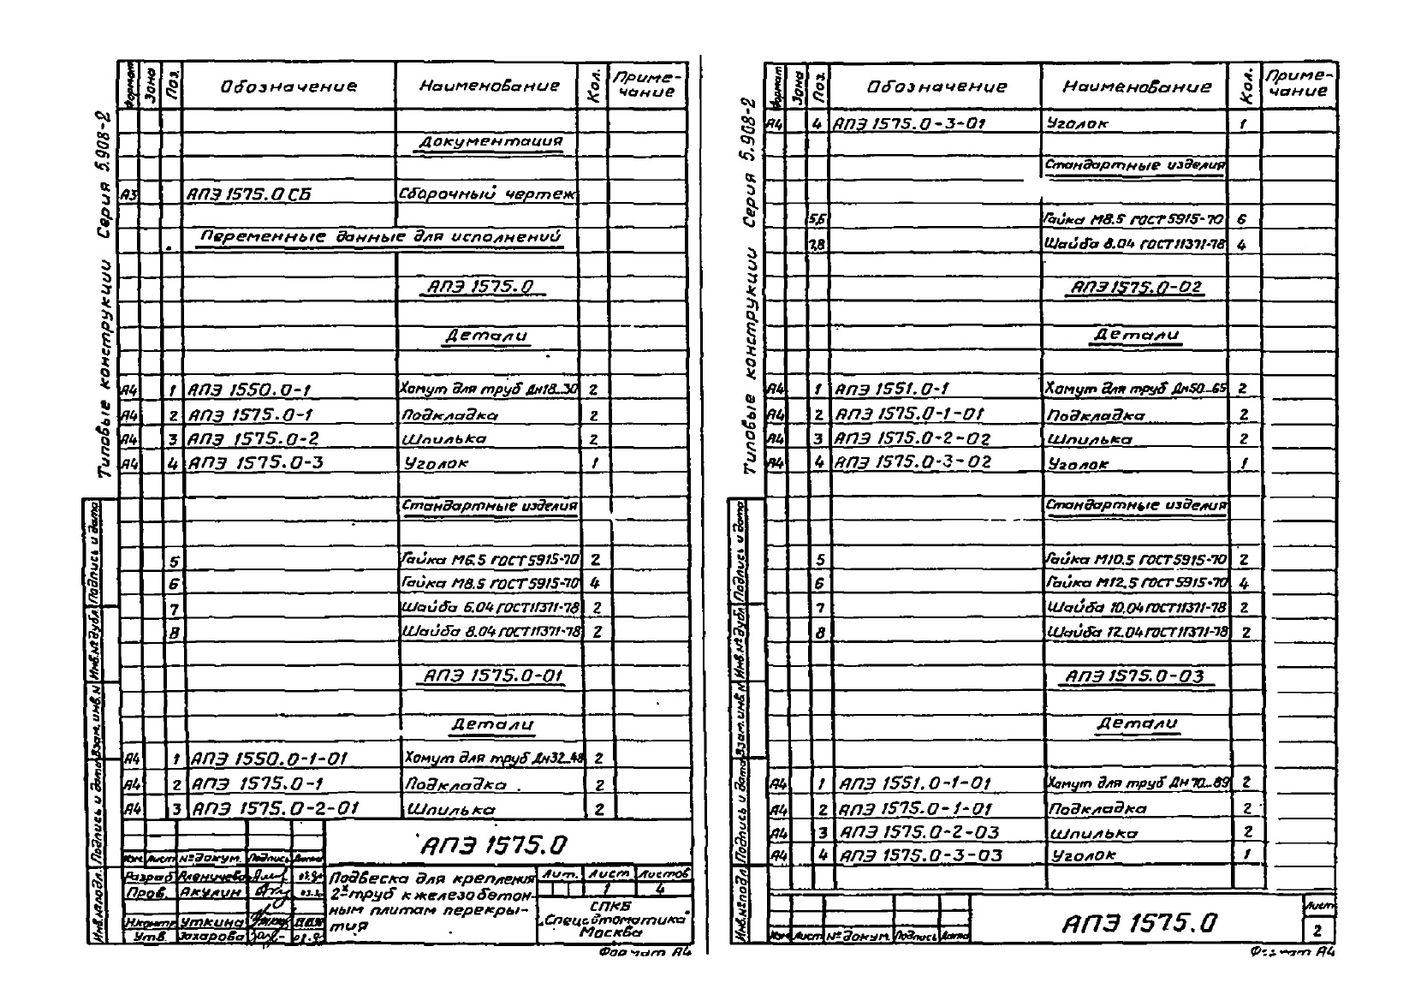 Подвеска АПЭ 1575.0 серия 5.908-2 стр.2